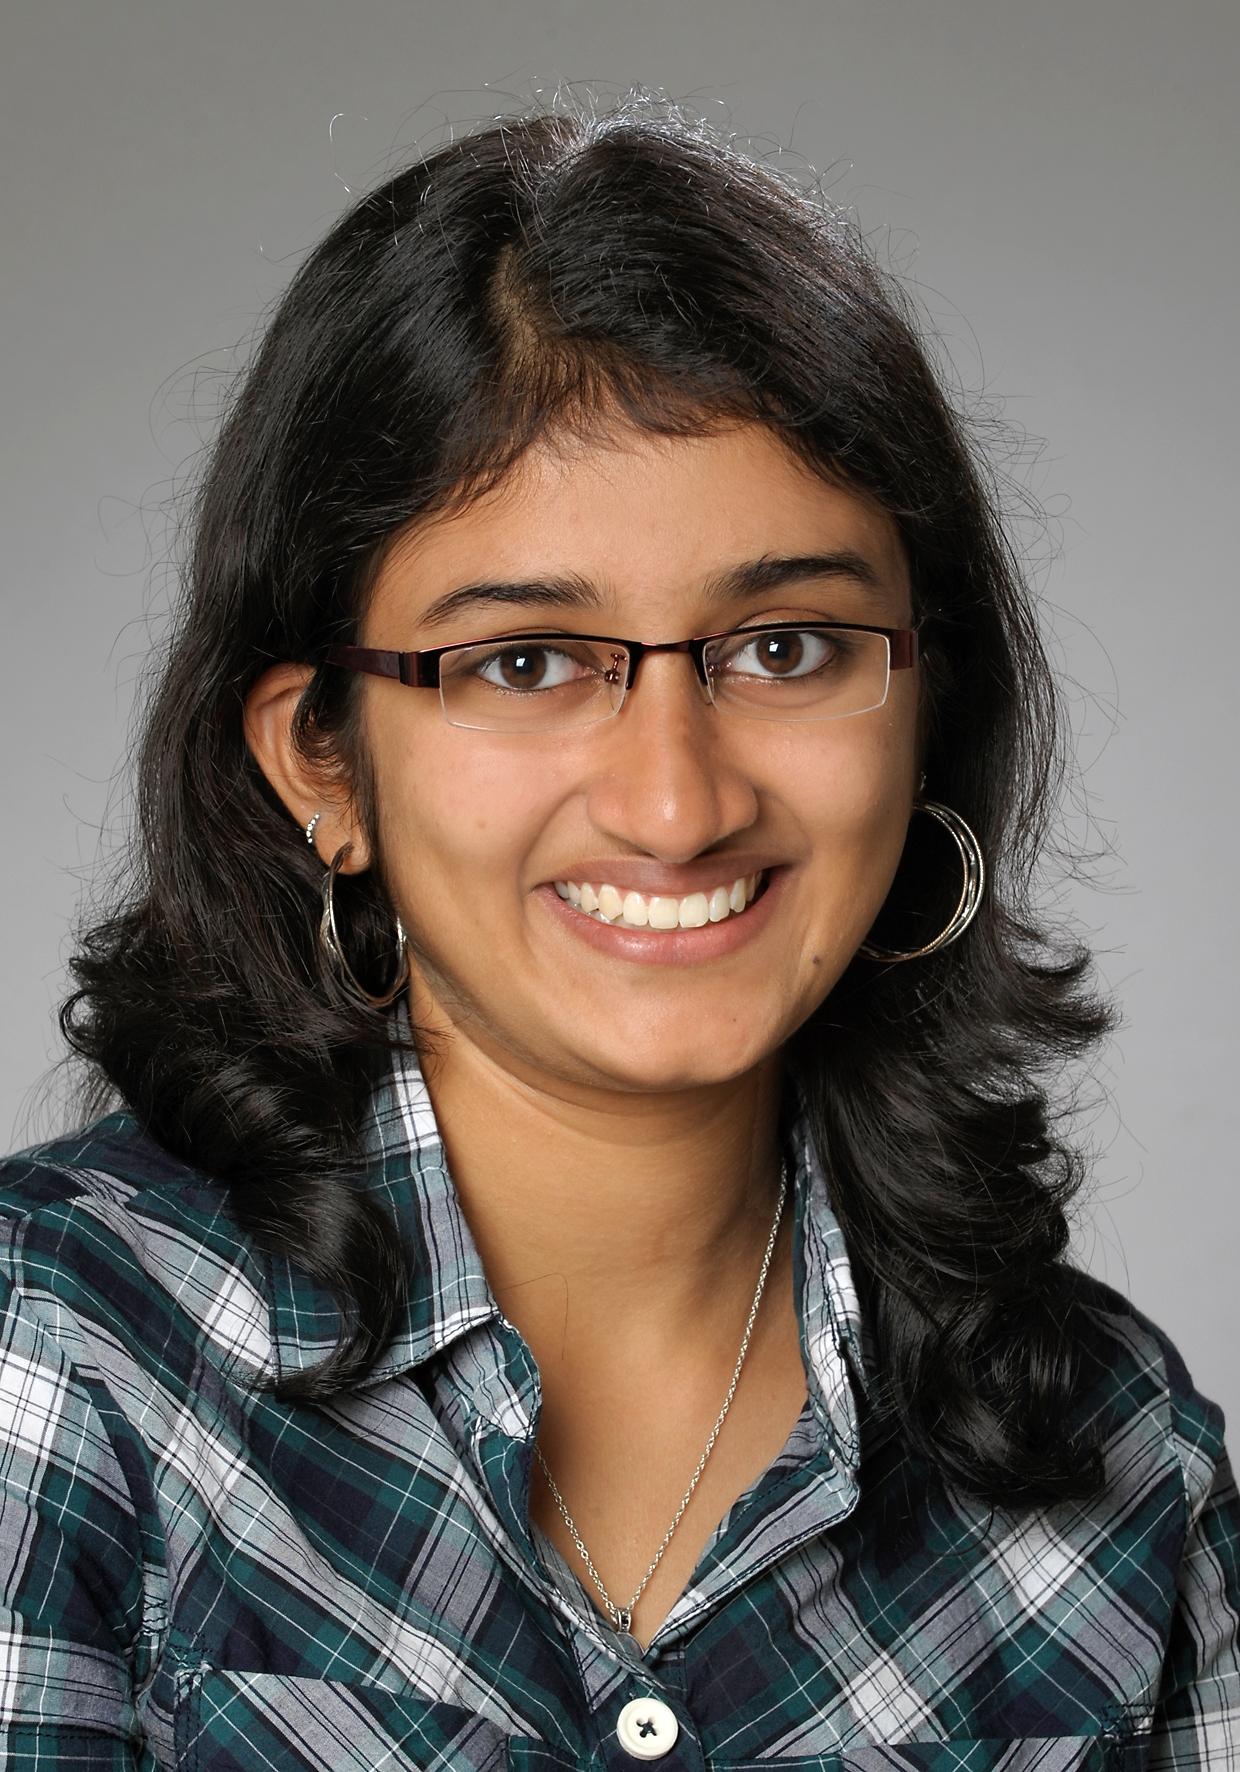 Sindhu Gowrisankaran